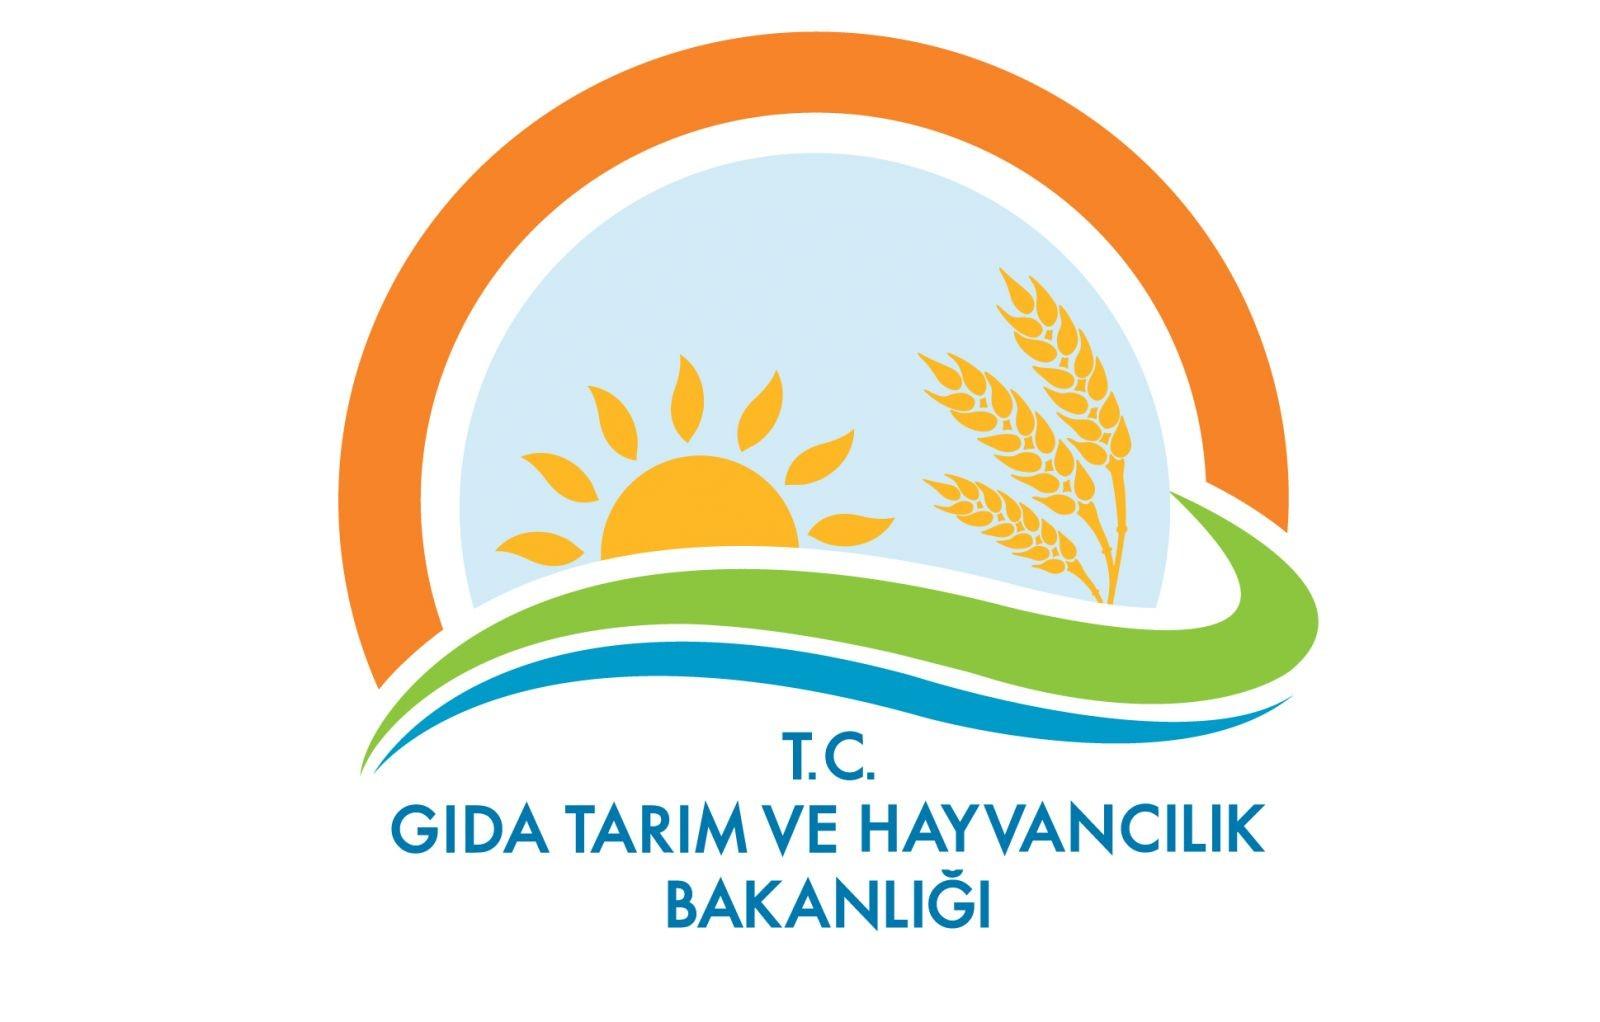 gida_tarim_hayvancilik_bakanligi_logo